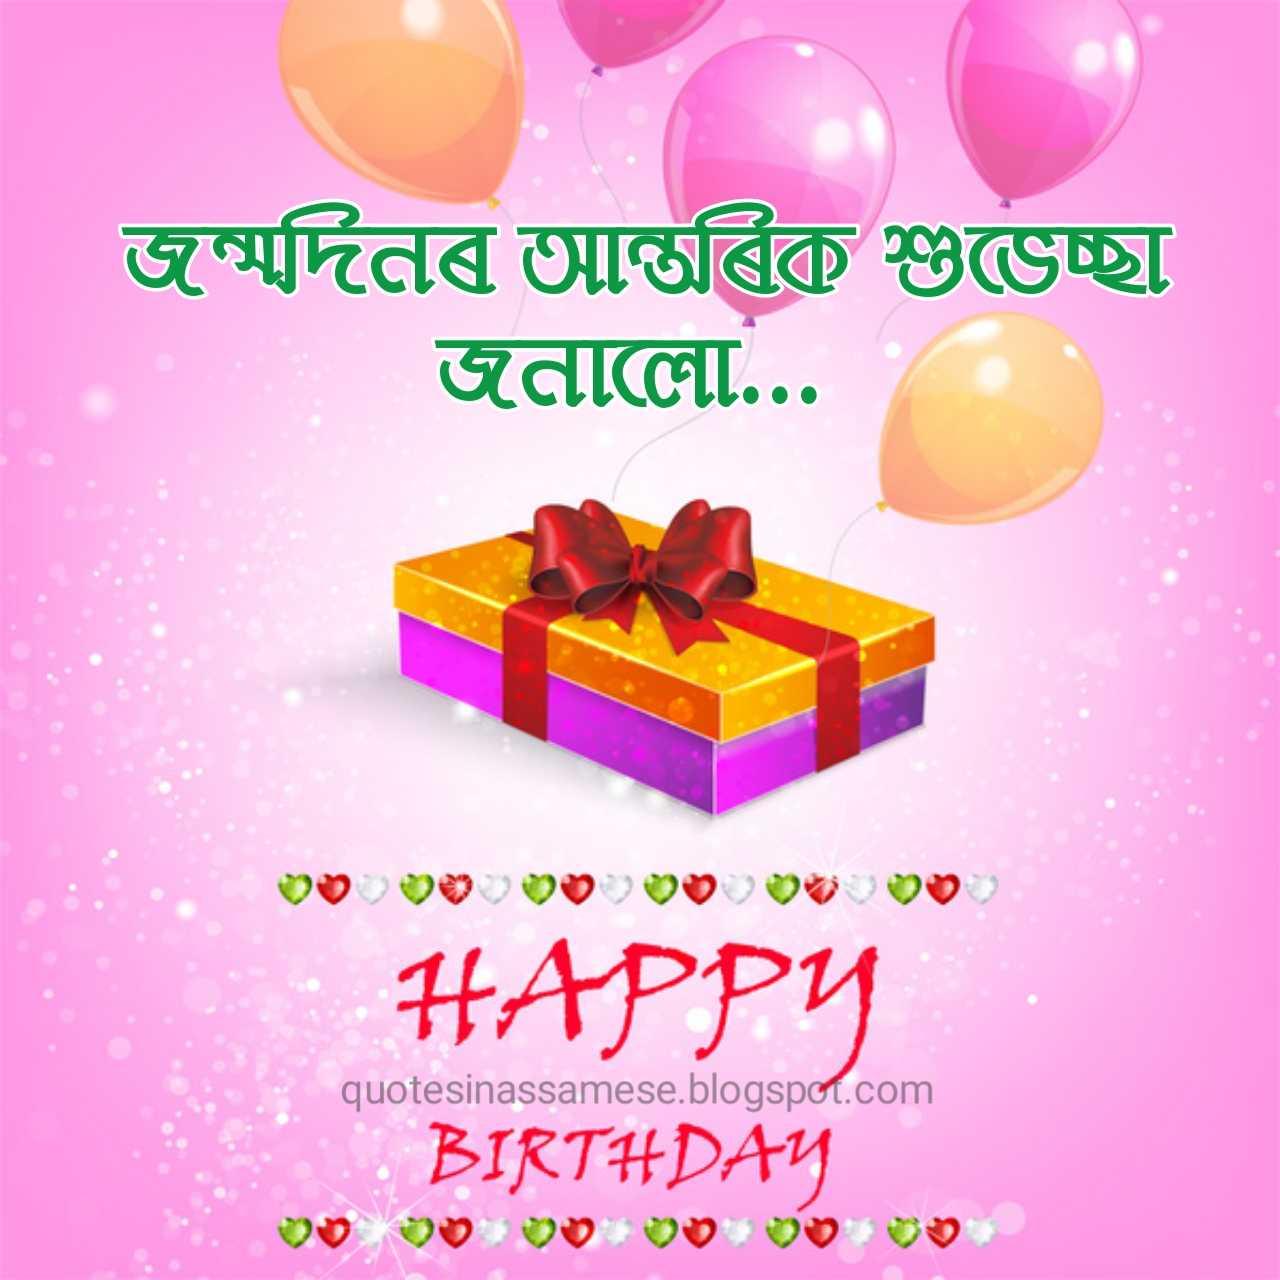 Birthday wishes in Assamese | ওপজা দিনৰ কবিতা